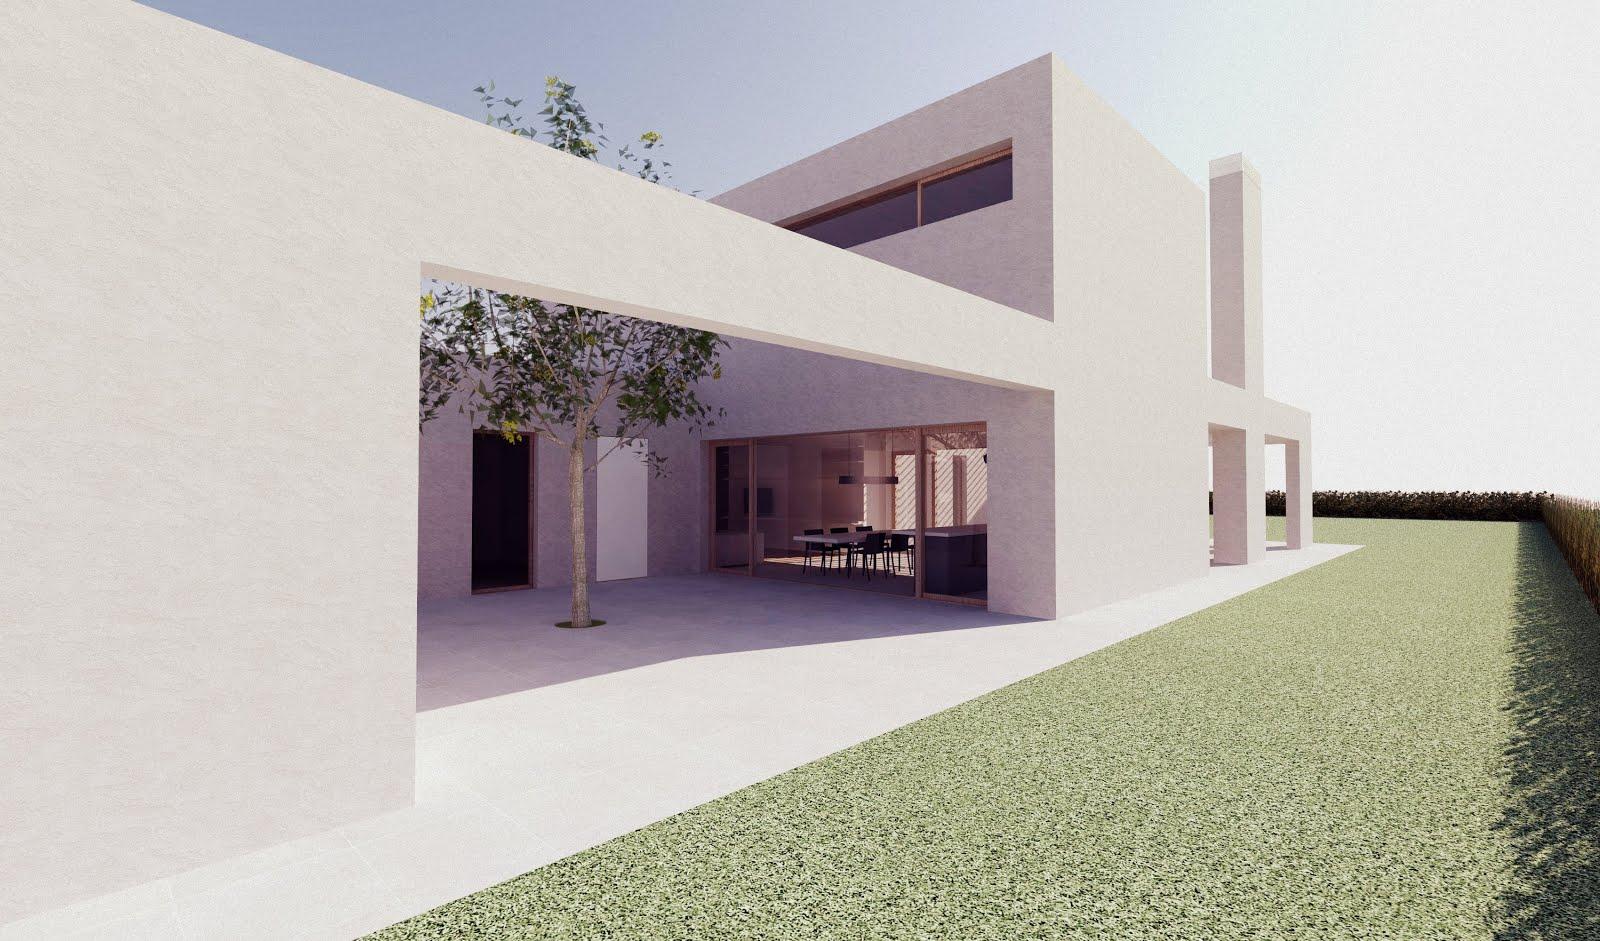 Riccardo bandera architetto vil villa in legno nella for Villa legno